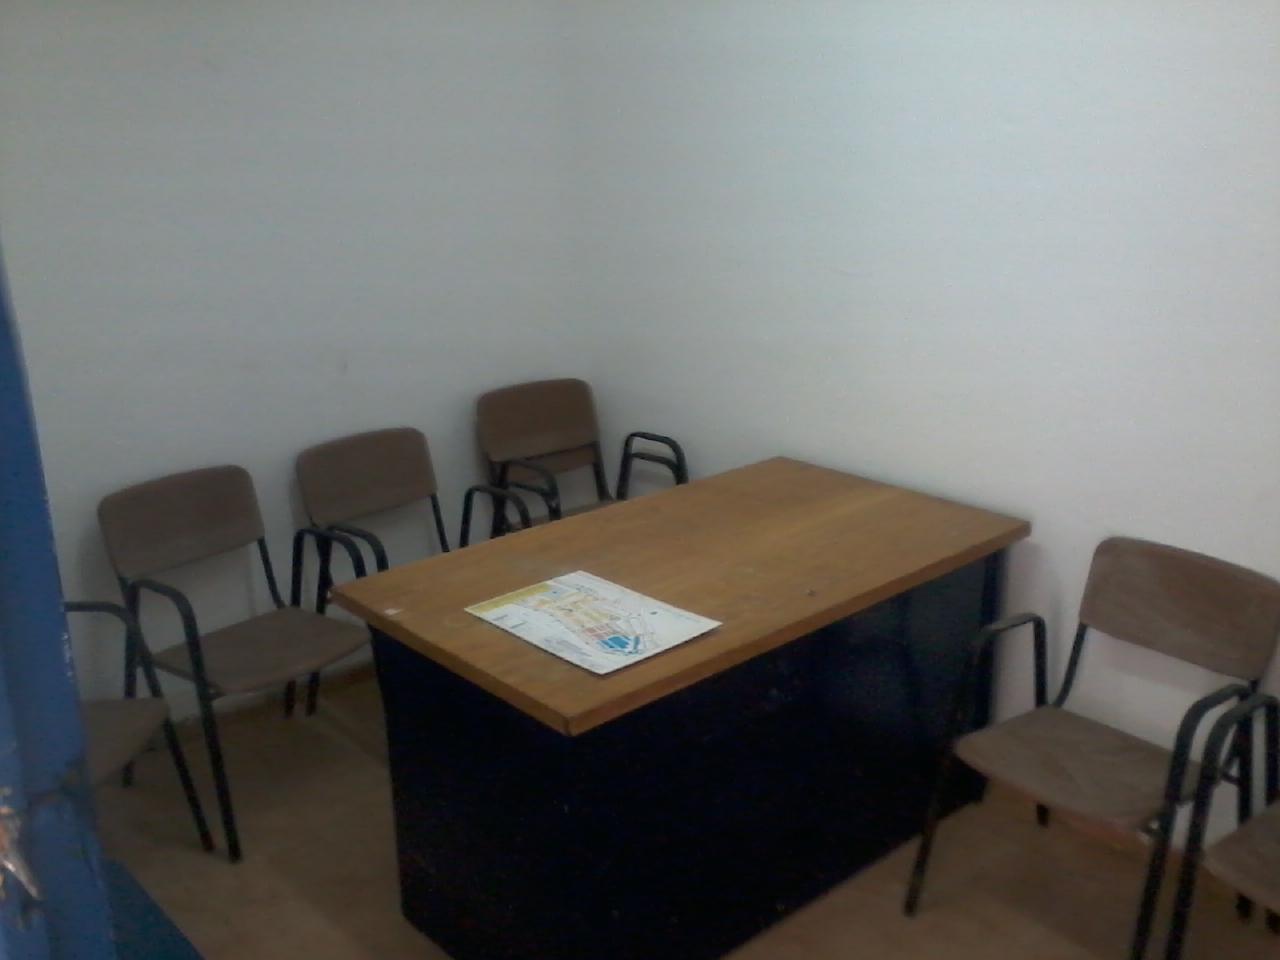 Sanfernandokayak y hoy puede ser un gran dia for Muebles de oficina quilmes andres baranda